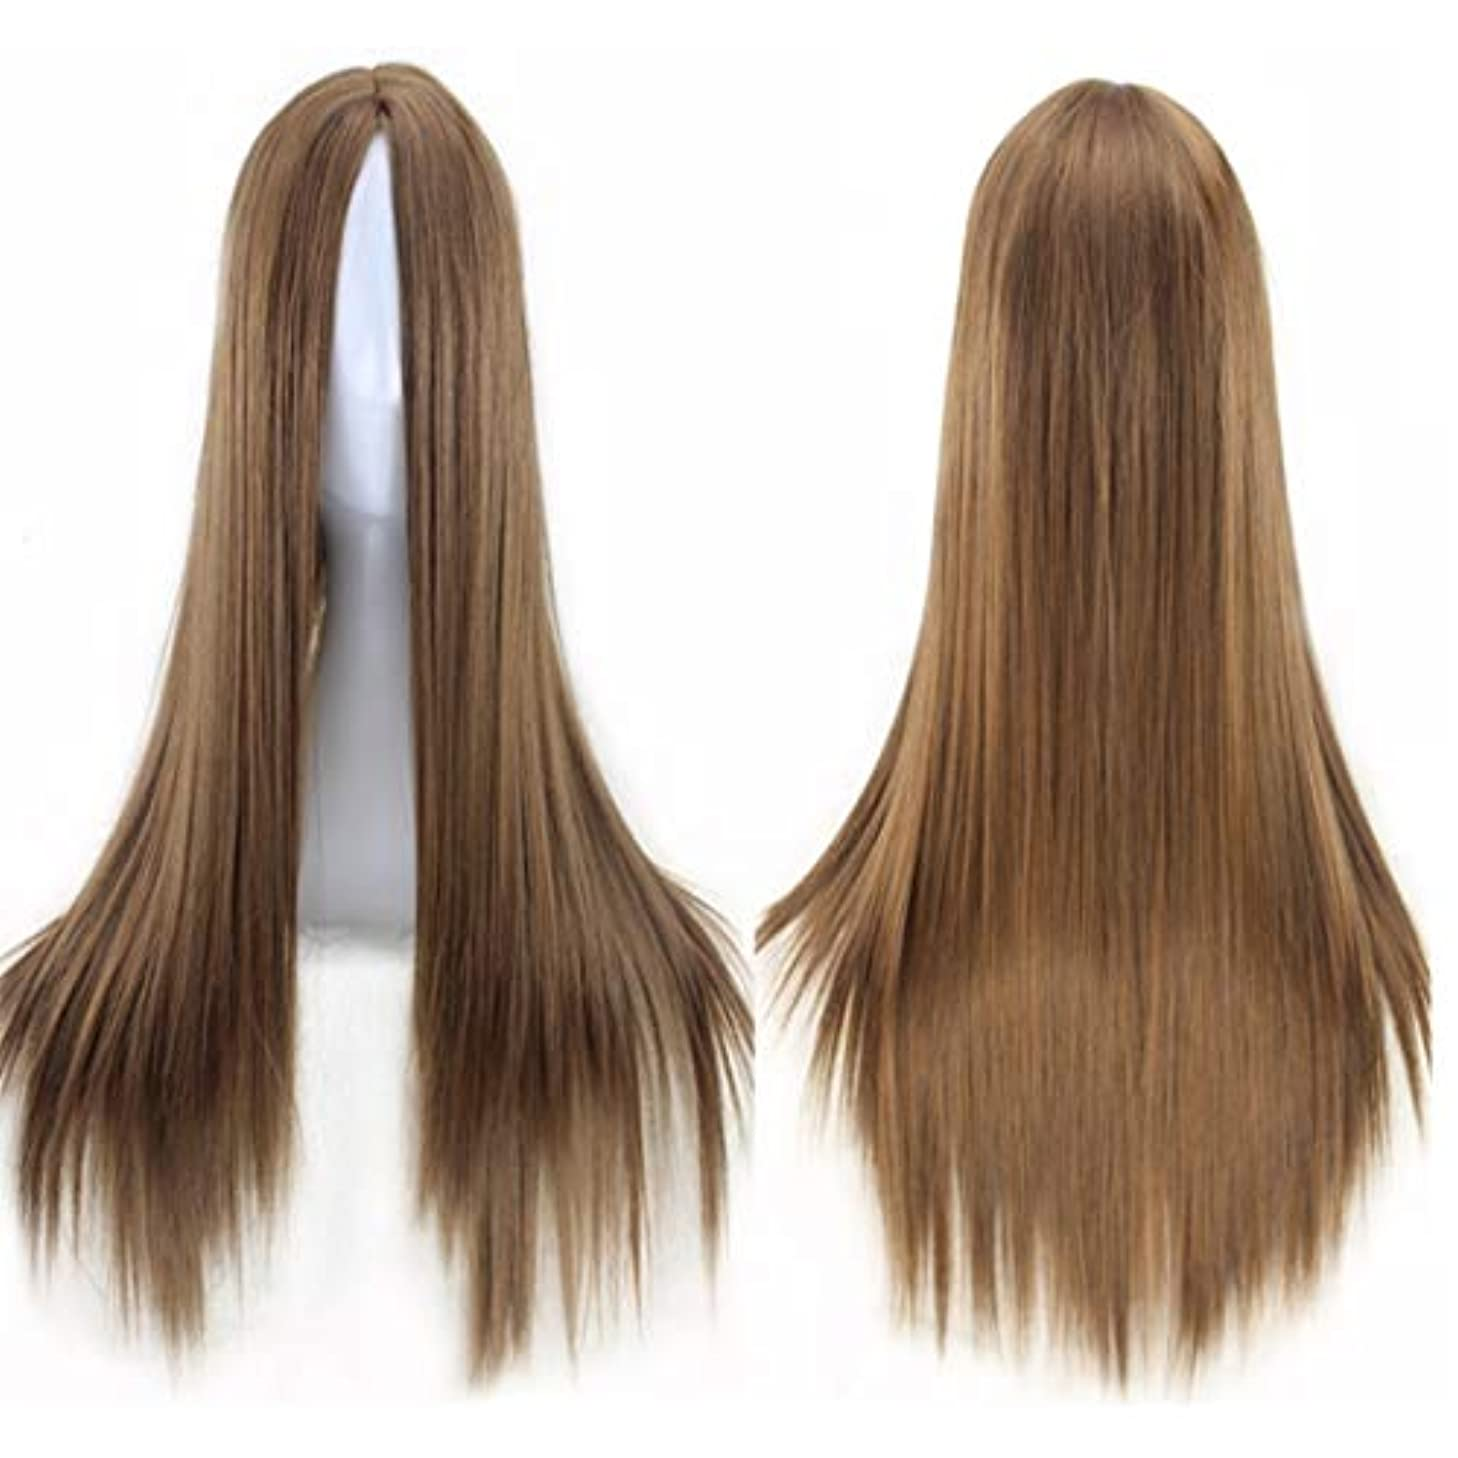 発見強調発見Kerwinner ミドルの前髪のかつら耐熱ウィッグ65 cmのロングストレートウィッグの人々のためのパーティーパフォーマンスカラーウィッグ(マルチカラー) (Color : Light brown)